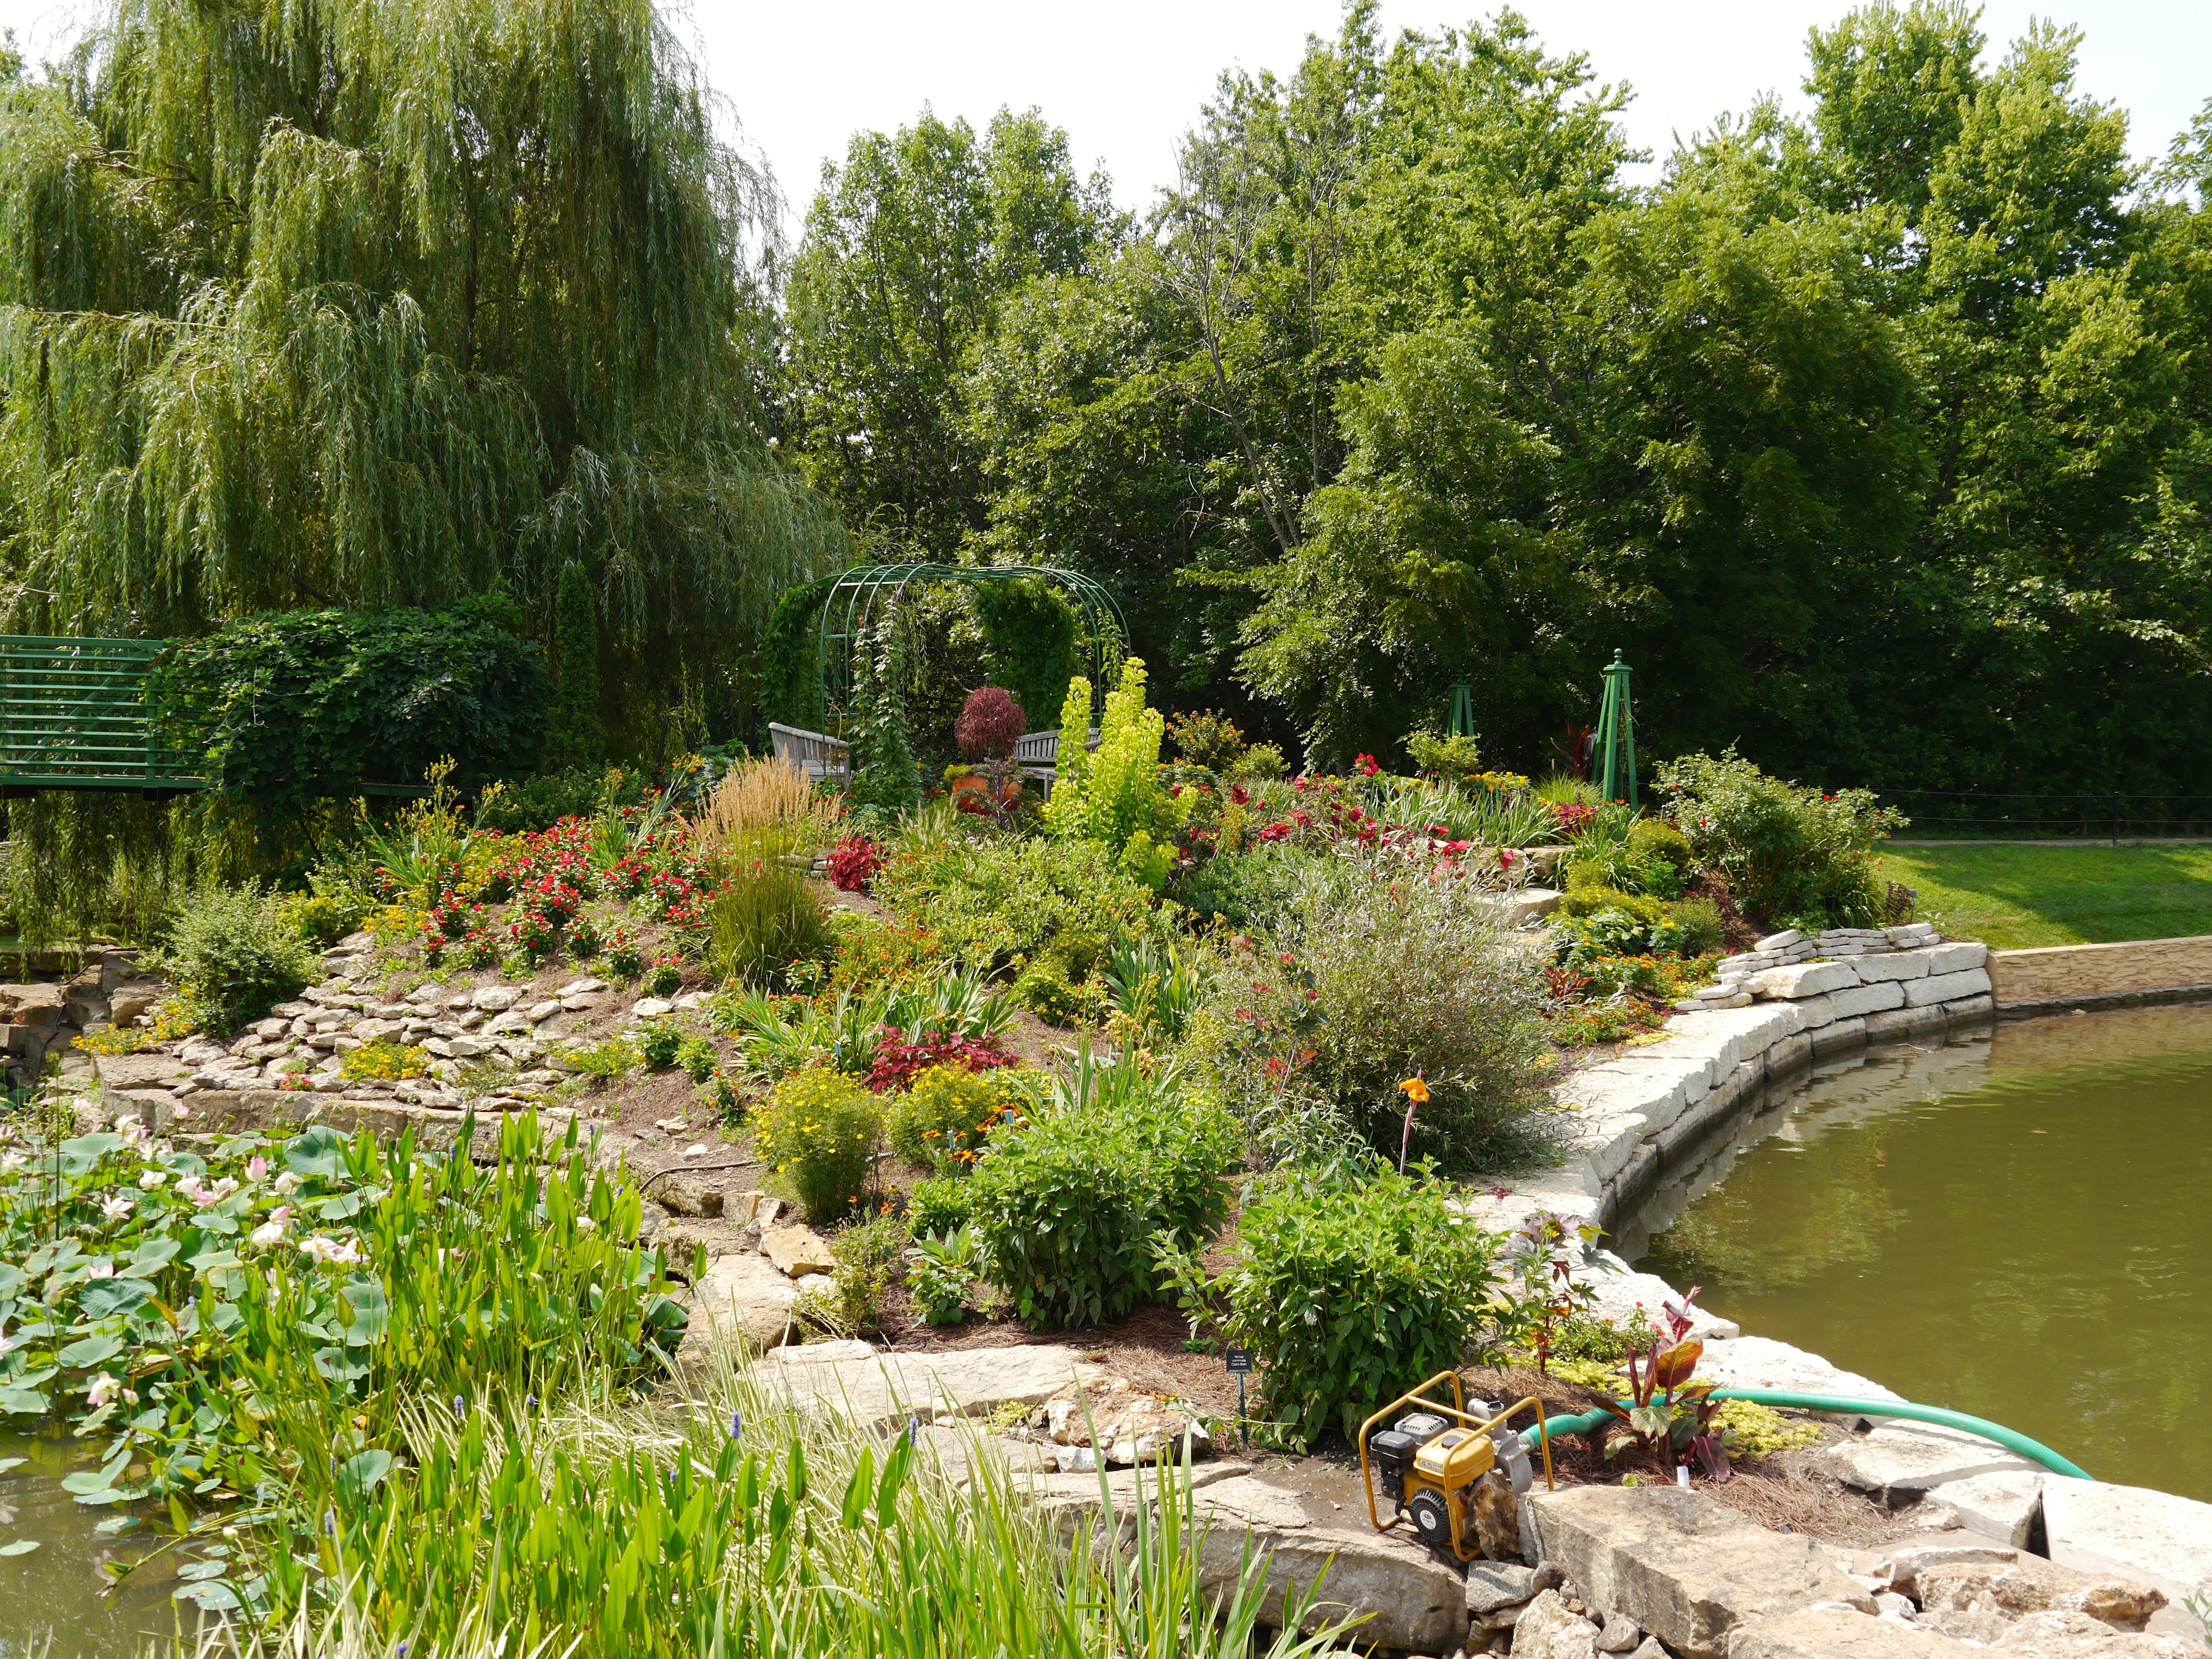 Arboretums/Botanical Gardensu2026. Claude Monet Inspiration U2013 Overland Park  Arboretum: P1040185 P1040184 P1040183